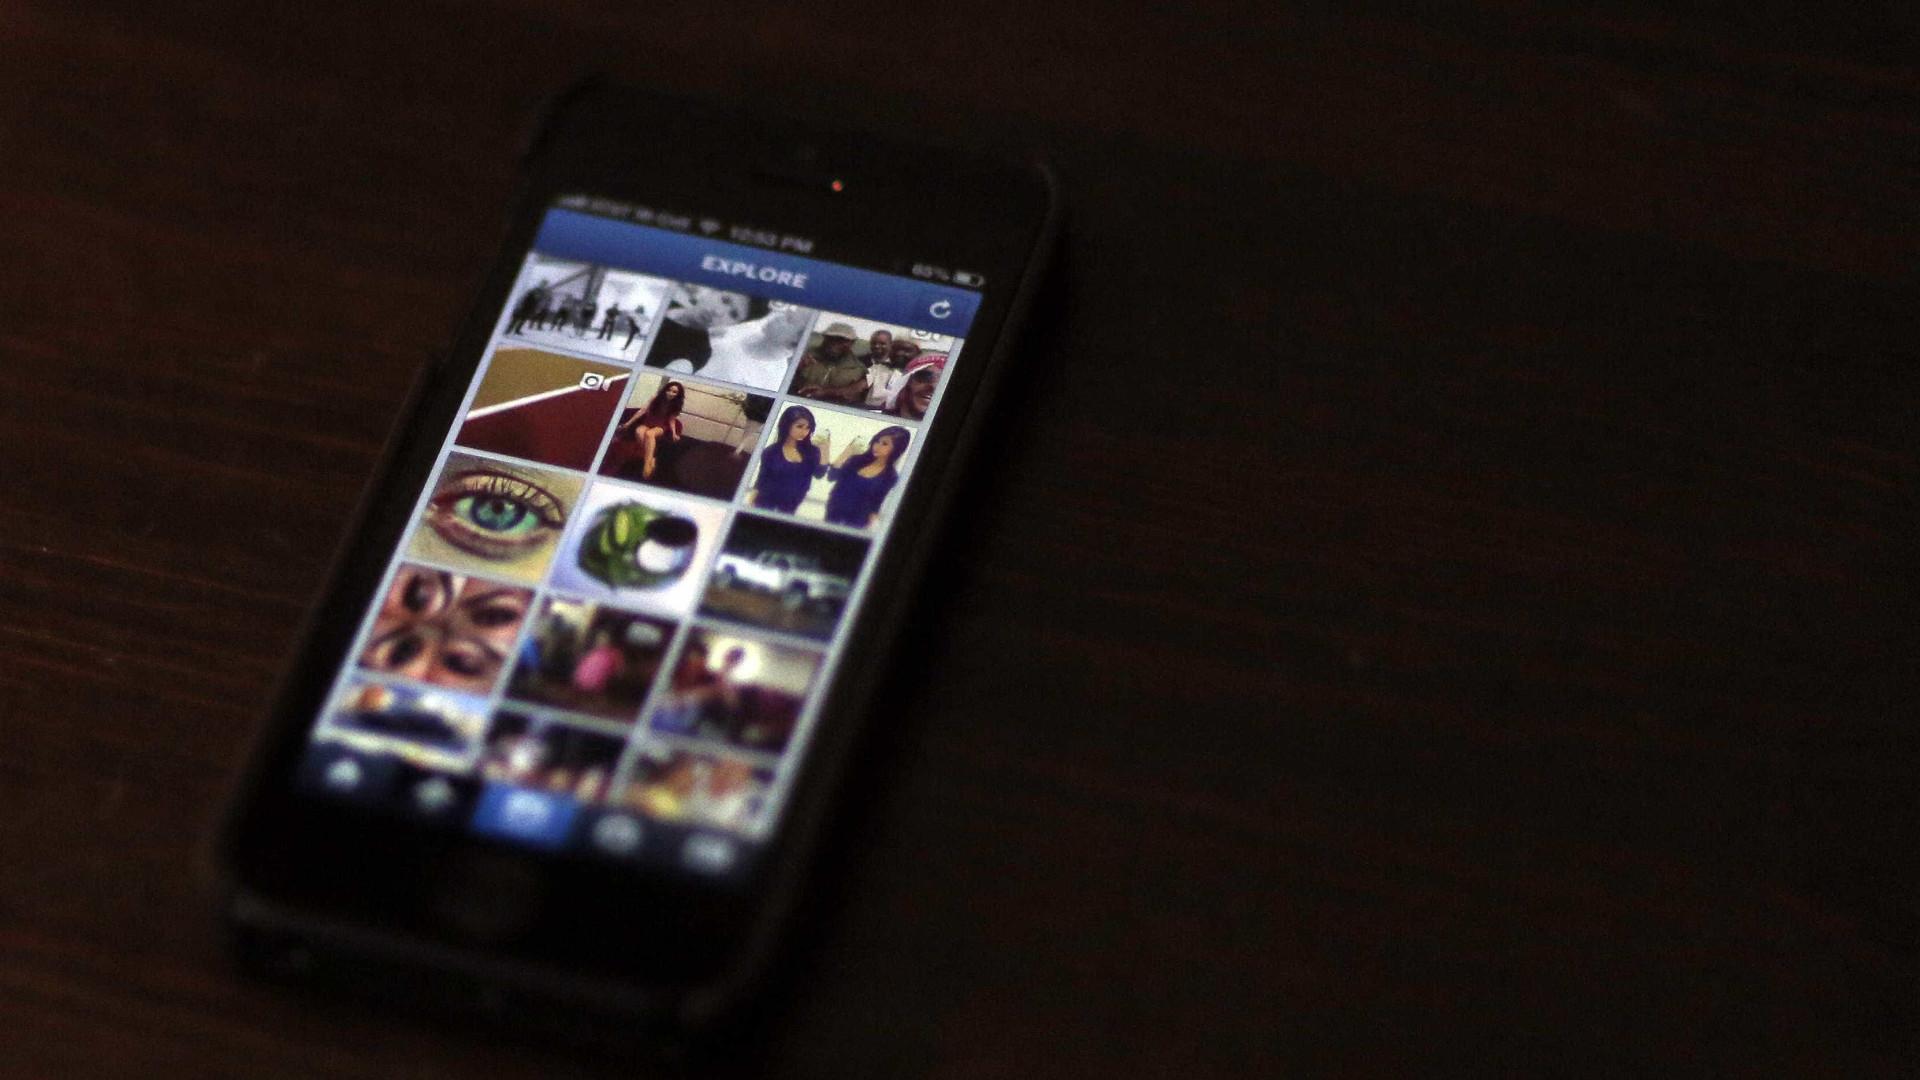 Record proíbe repórteres de usarem redes sociais para publicidades